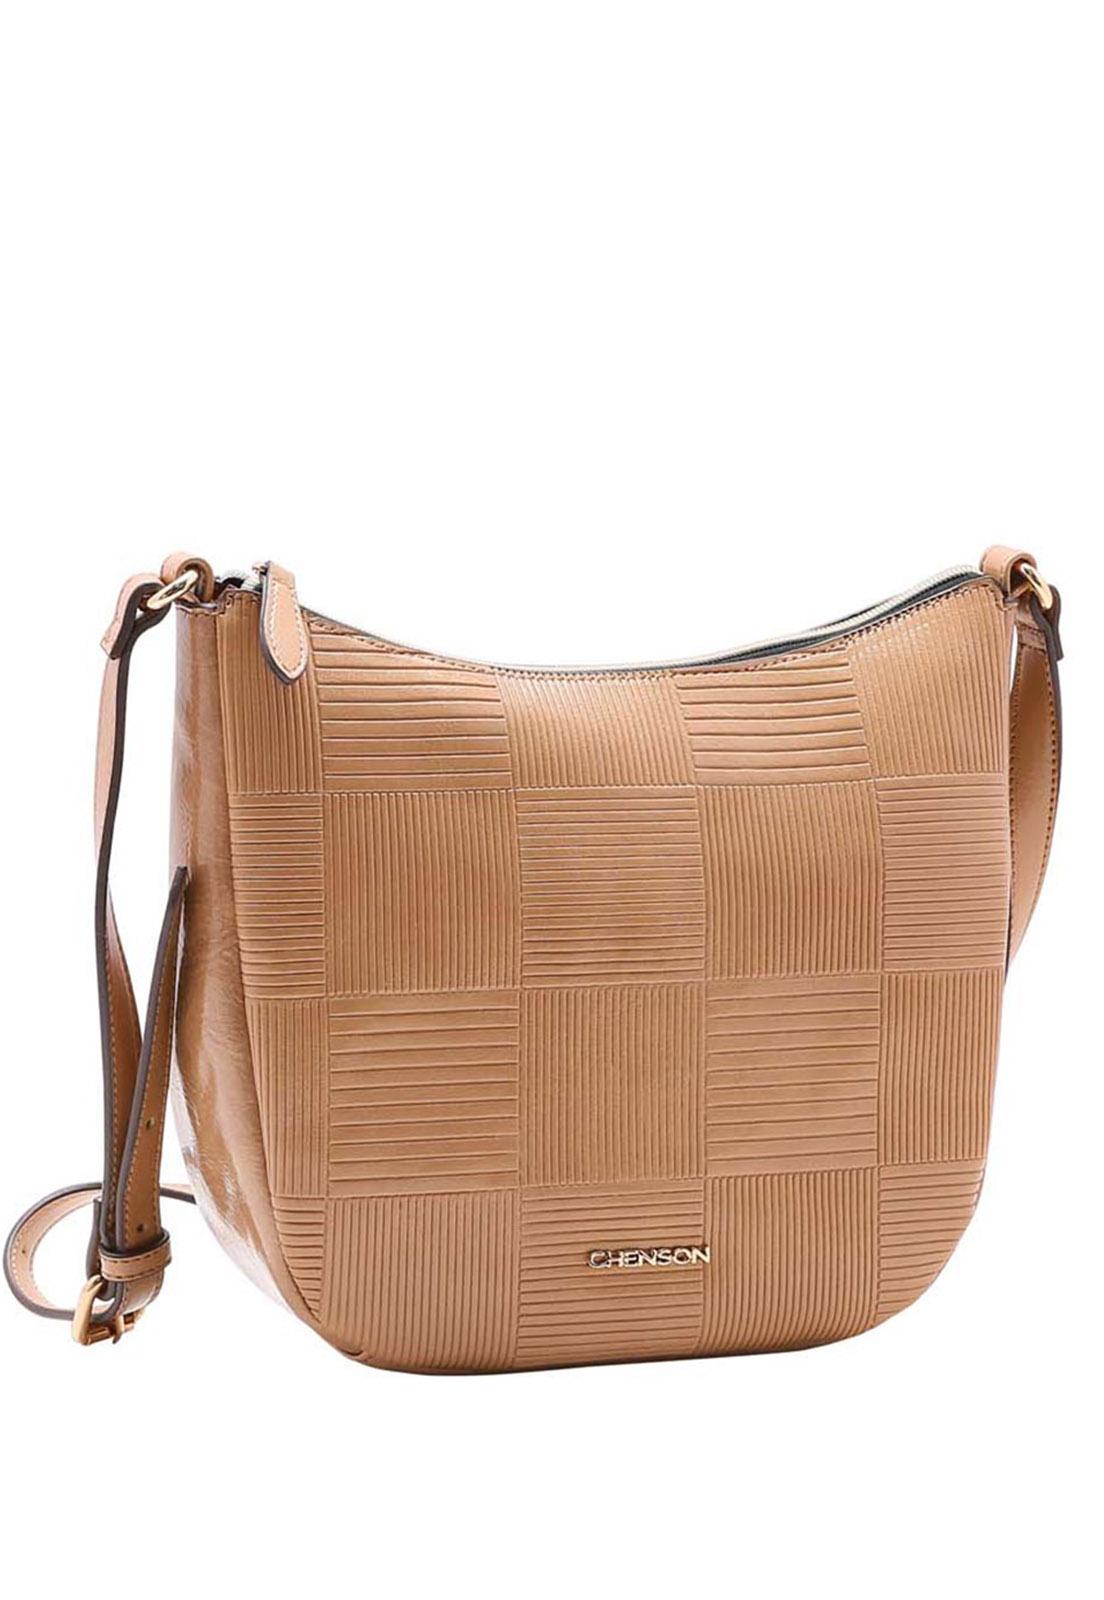 Bolsa Feminina Chenson Textura em Verniz  Ombro 3483390